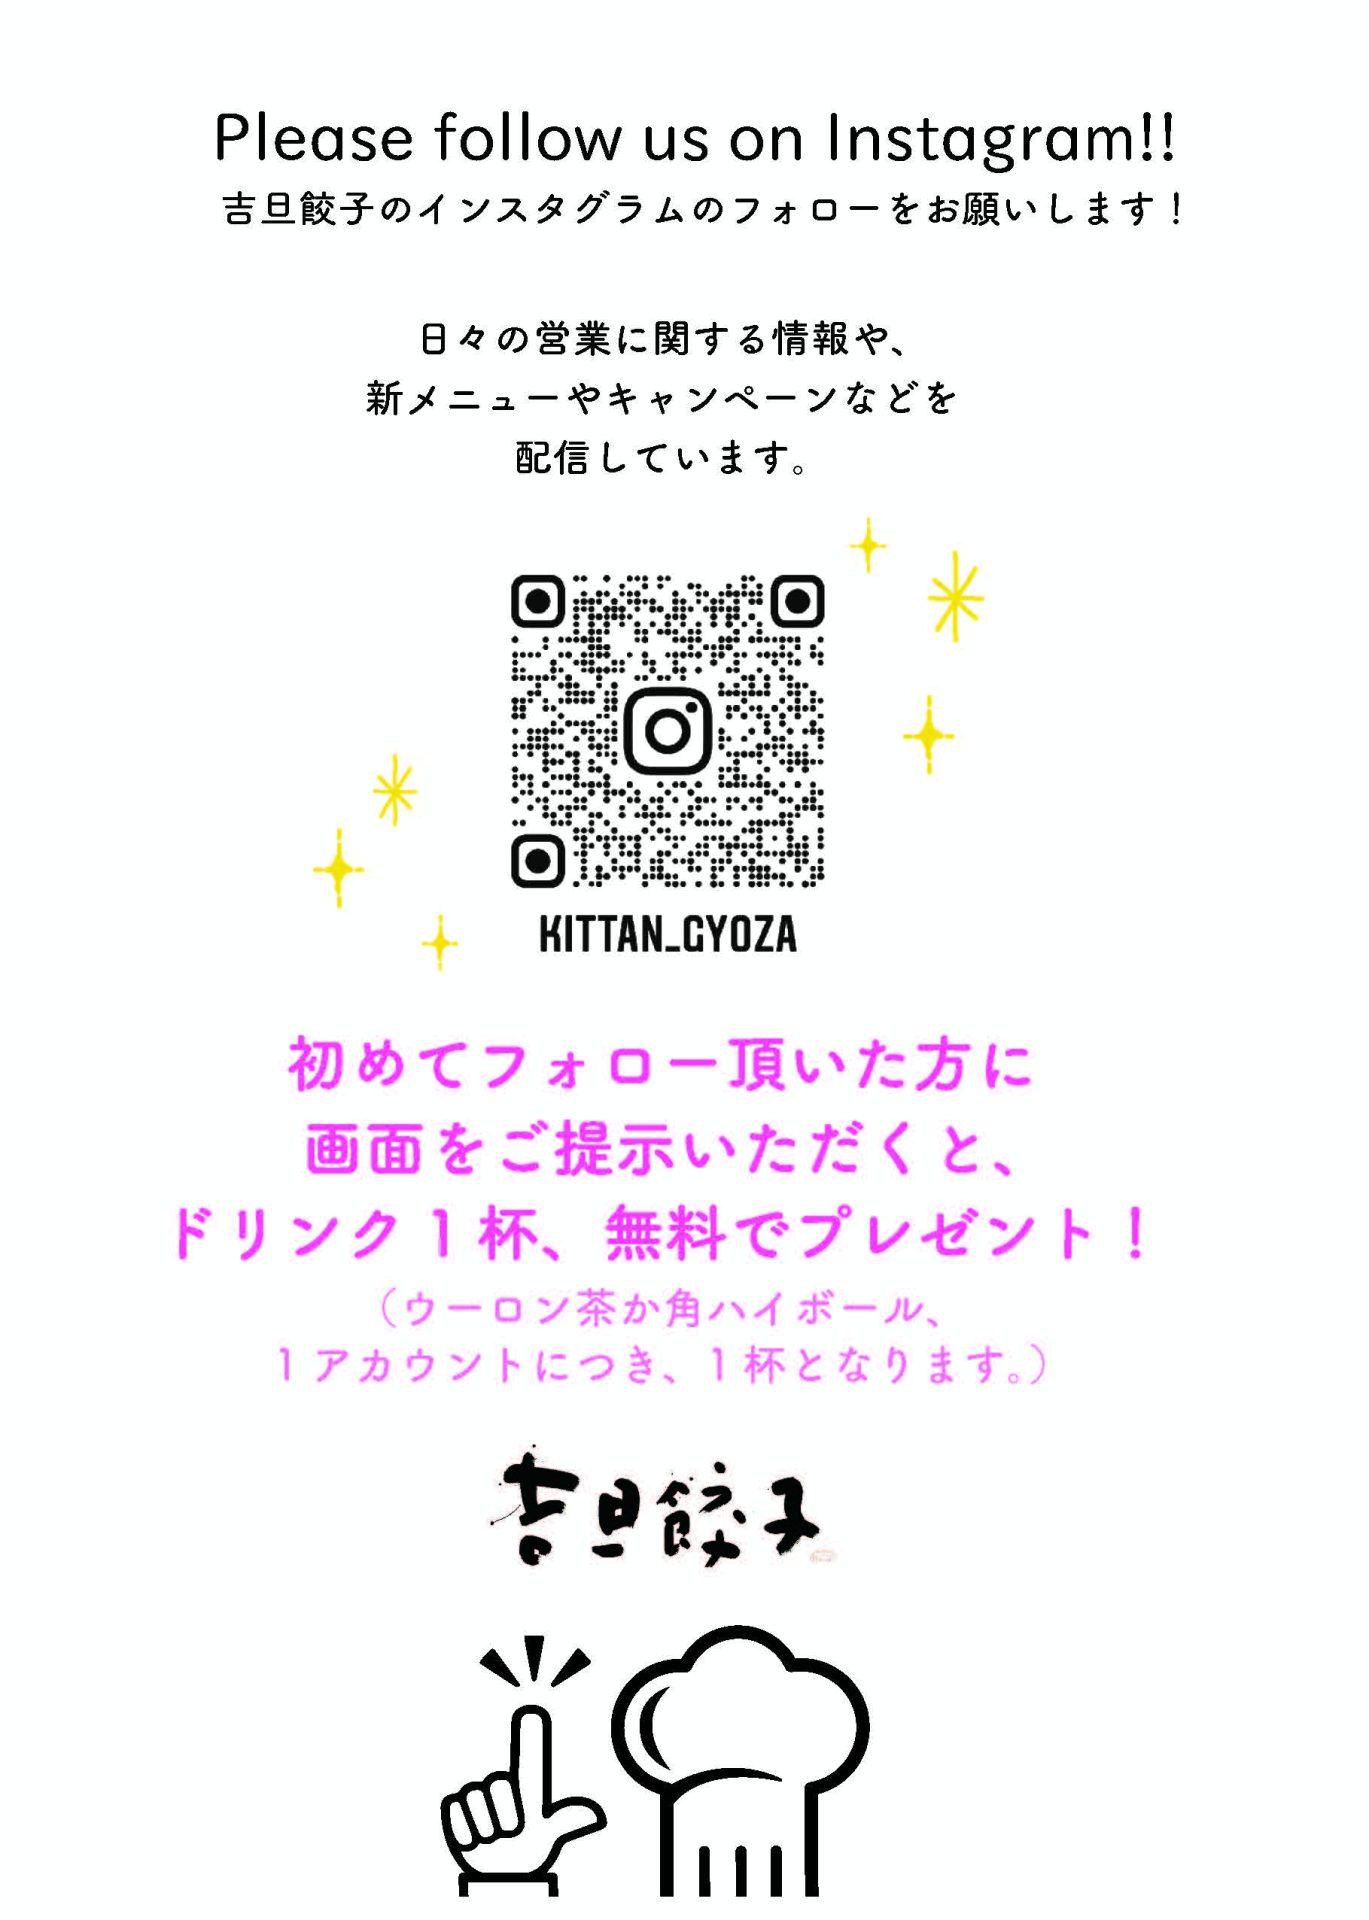 中目黒 吉旦餃子 Instagram